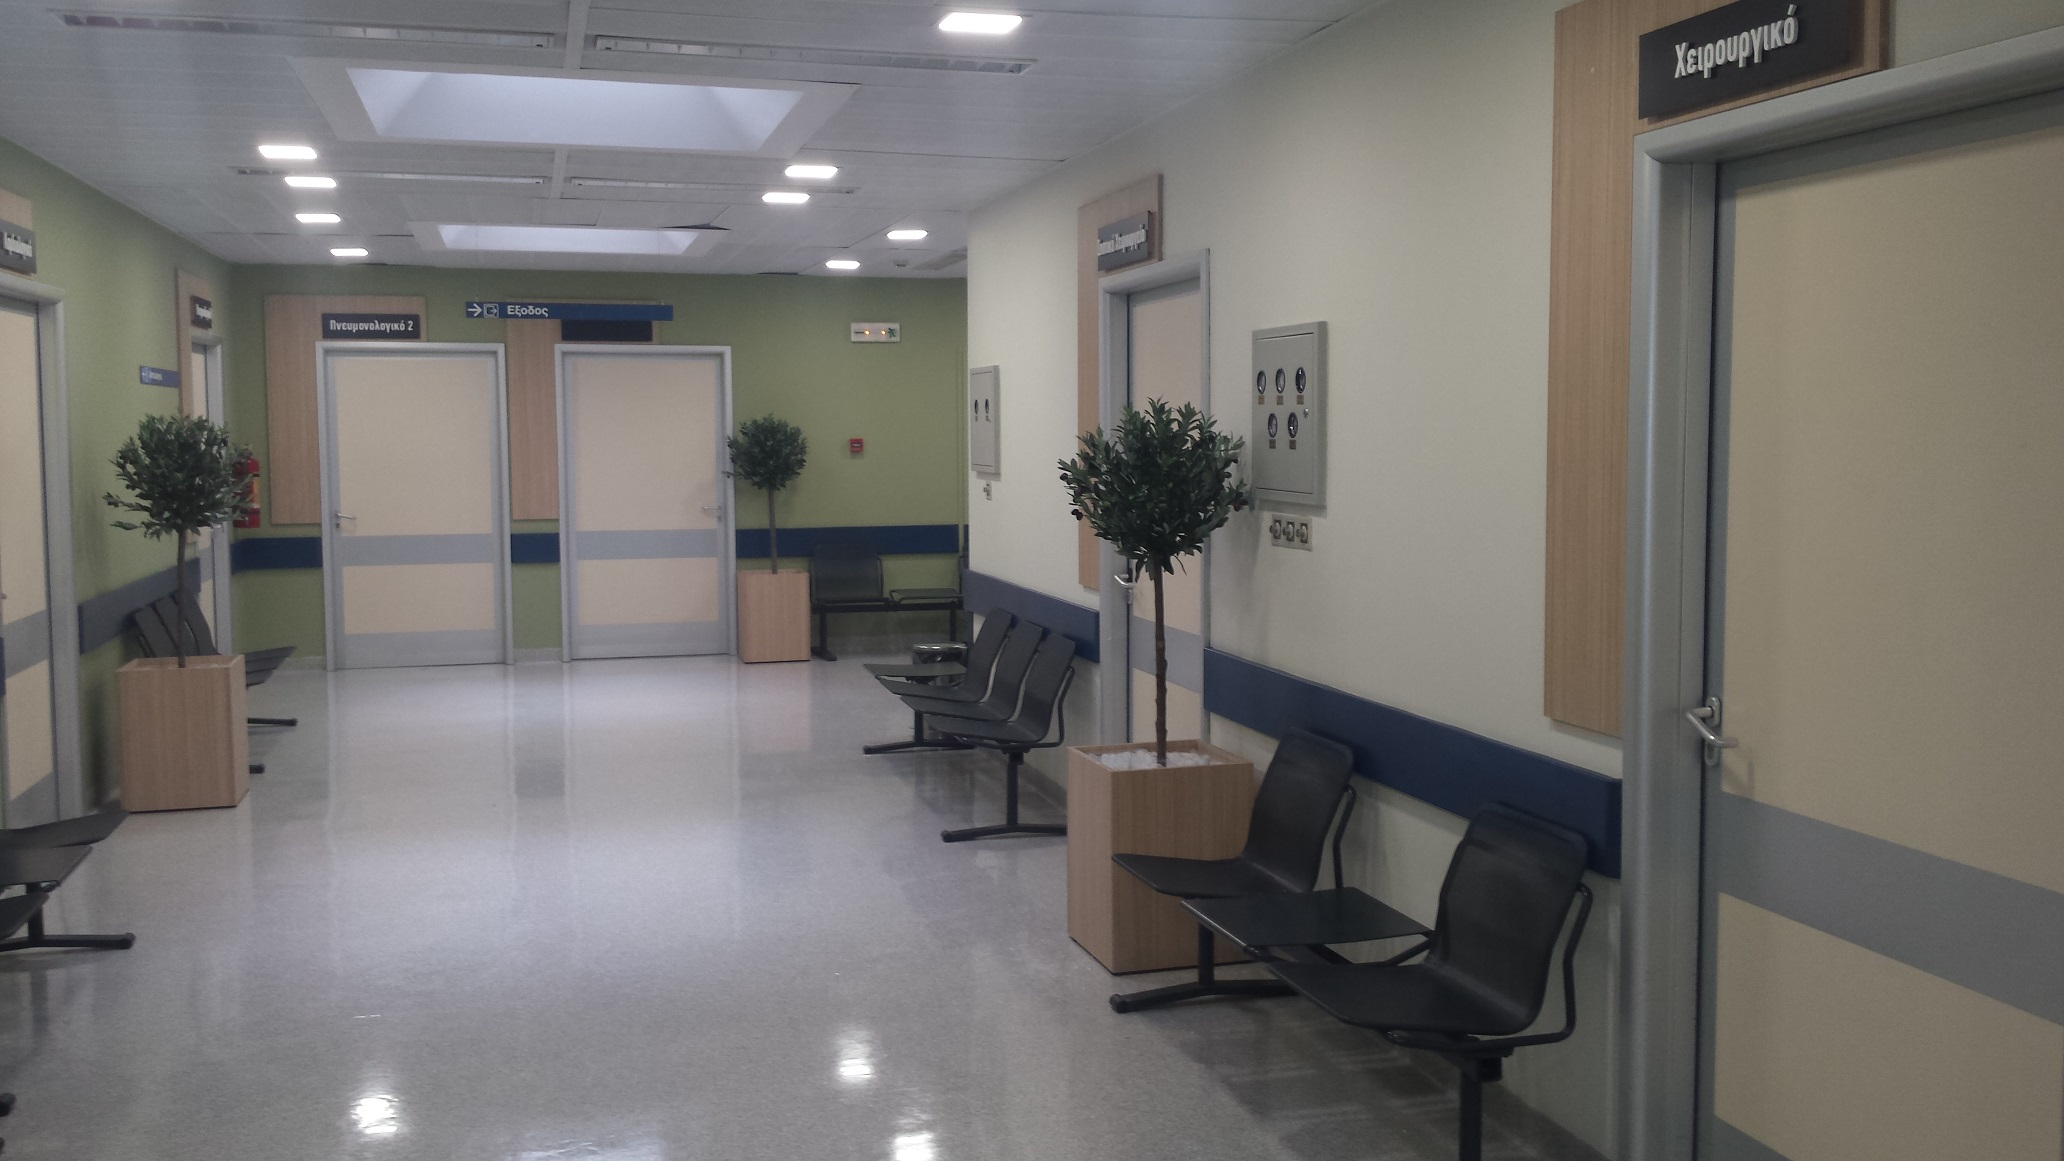 Έναρξη λειτουργίας Τακτικού Νευροχειρουργικού Εξωτερικού Ιατρείου